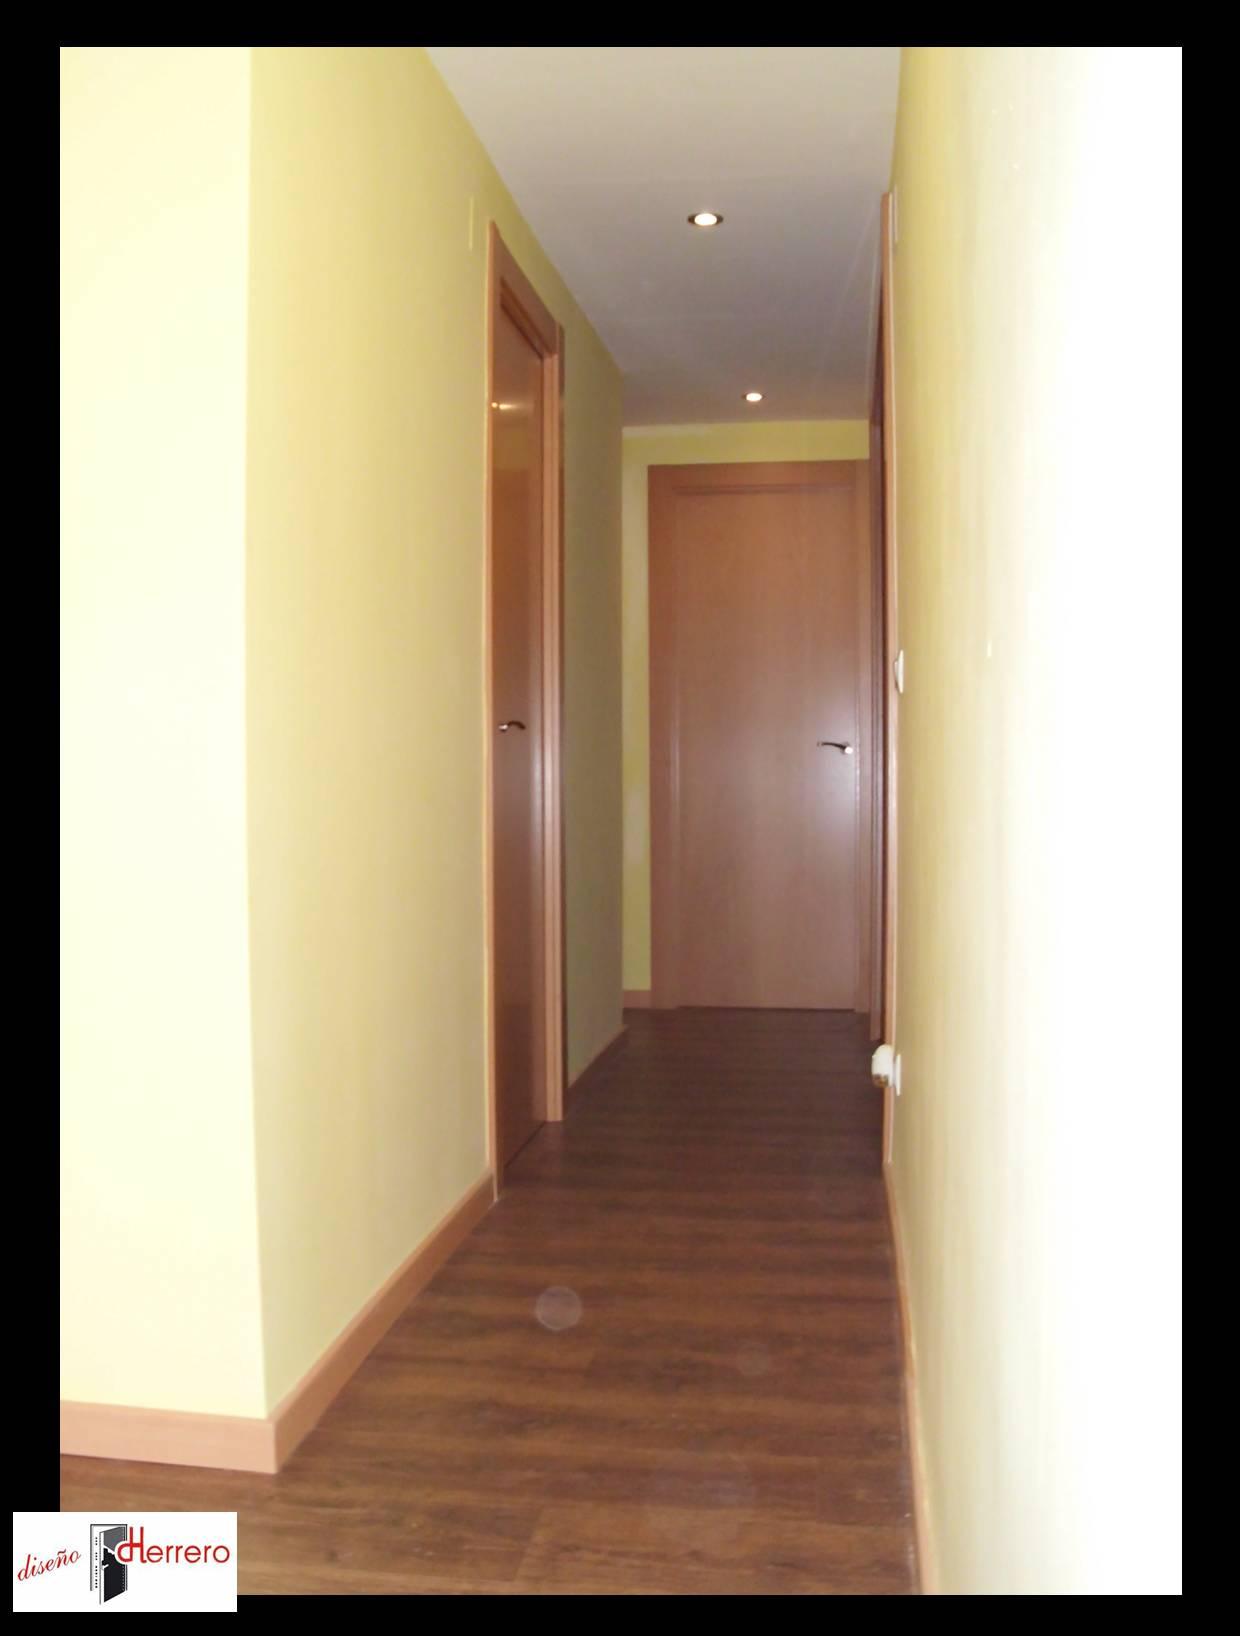 Puertas y tarima en las delicias zaragoza - Tarima madera interior ...